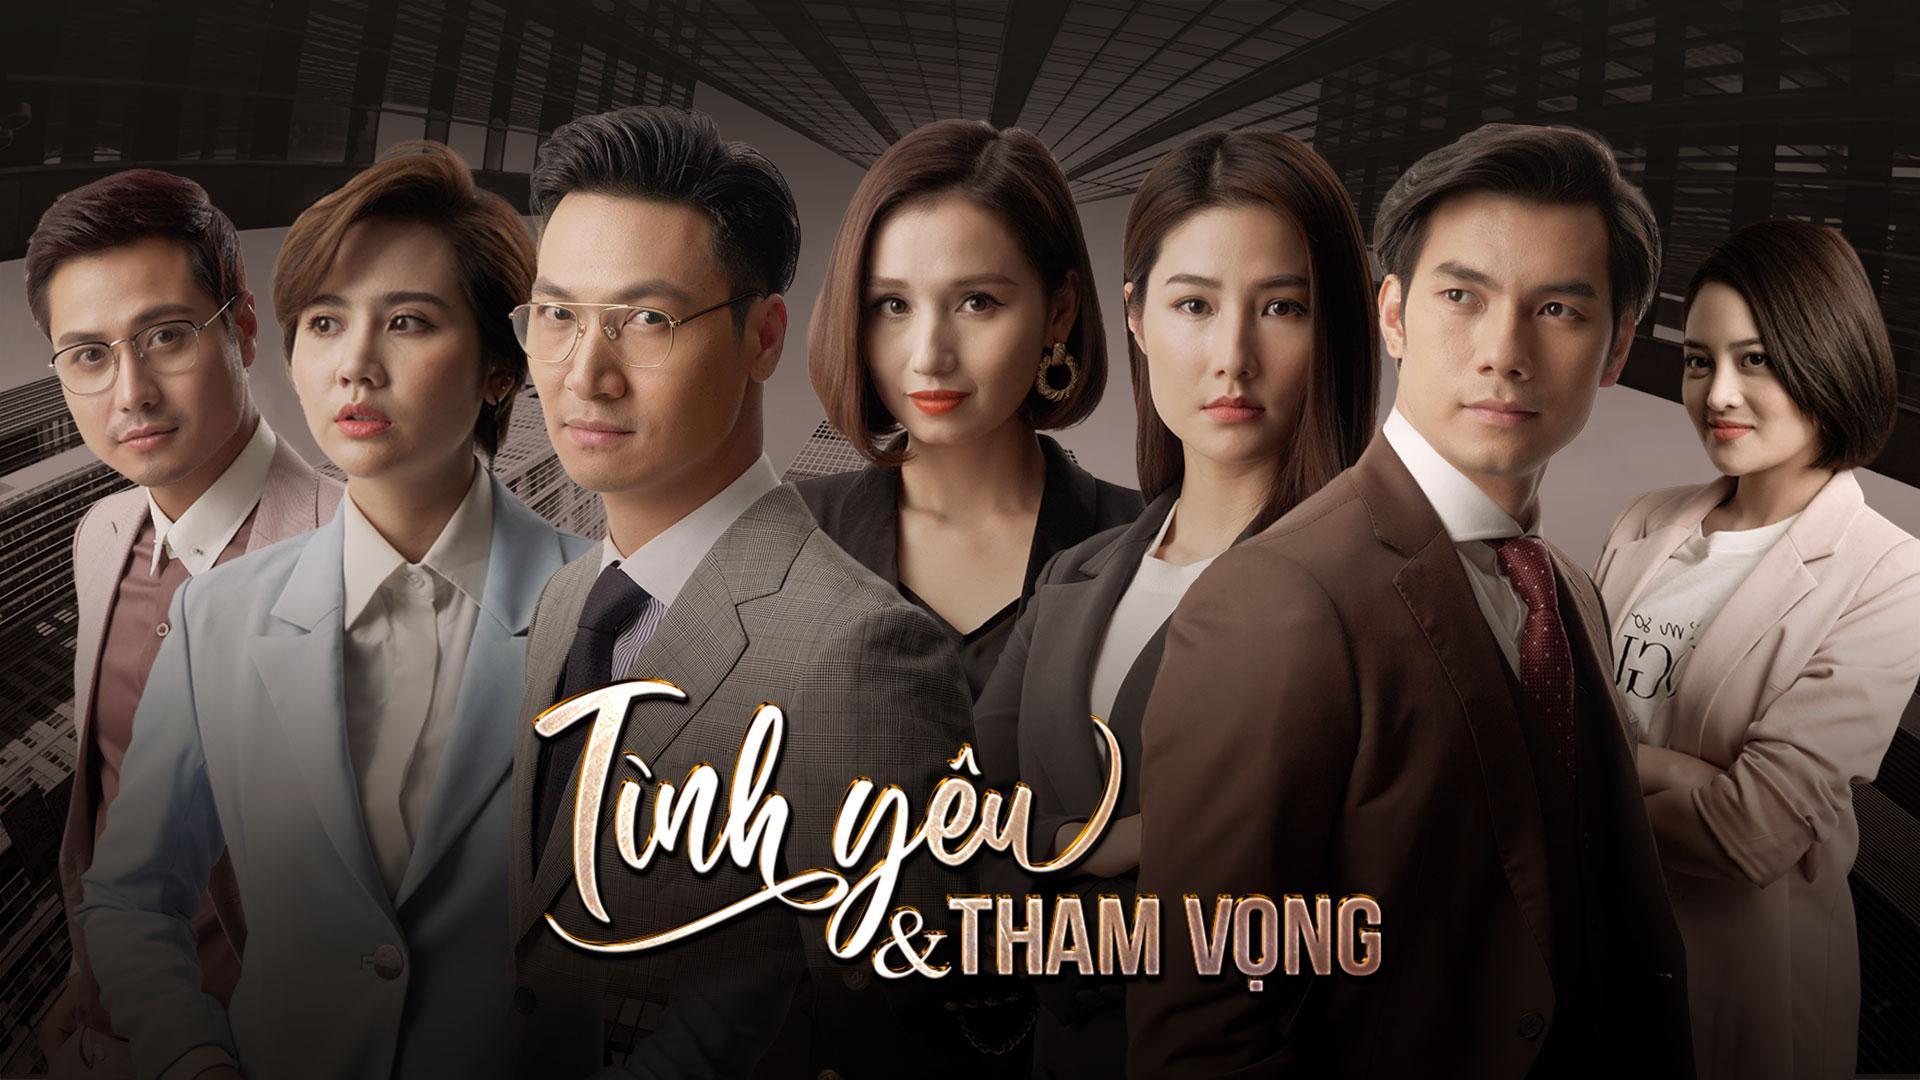 Top 10 bộ phim Việt Nam đáng chú ý năm 2020